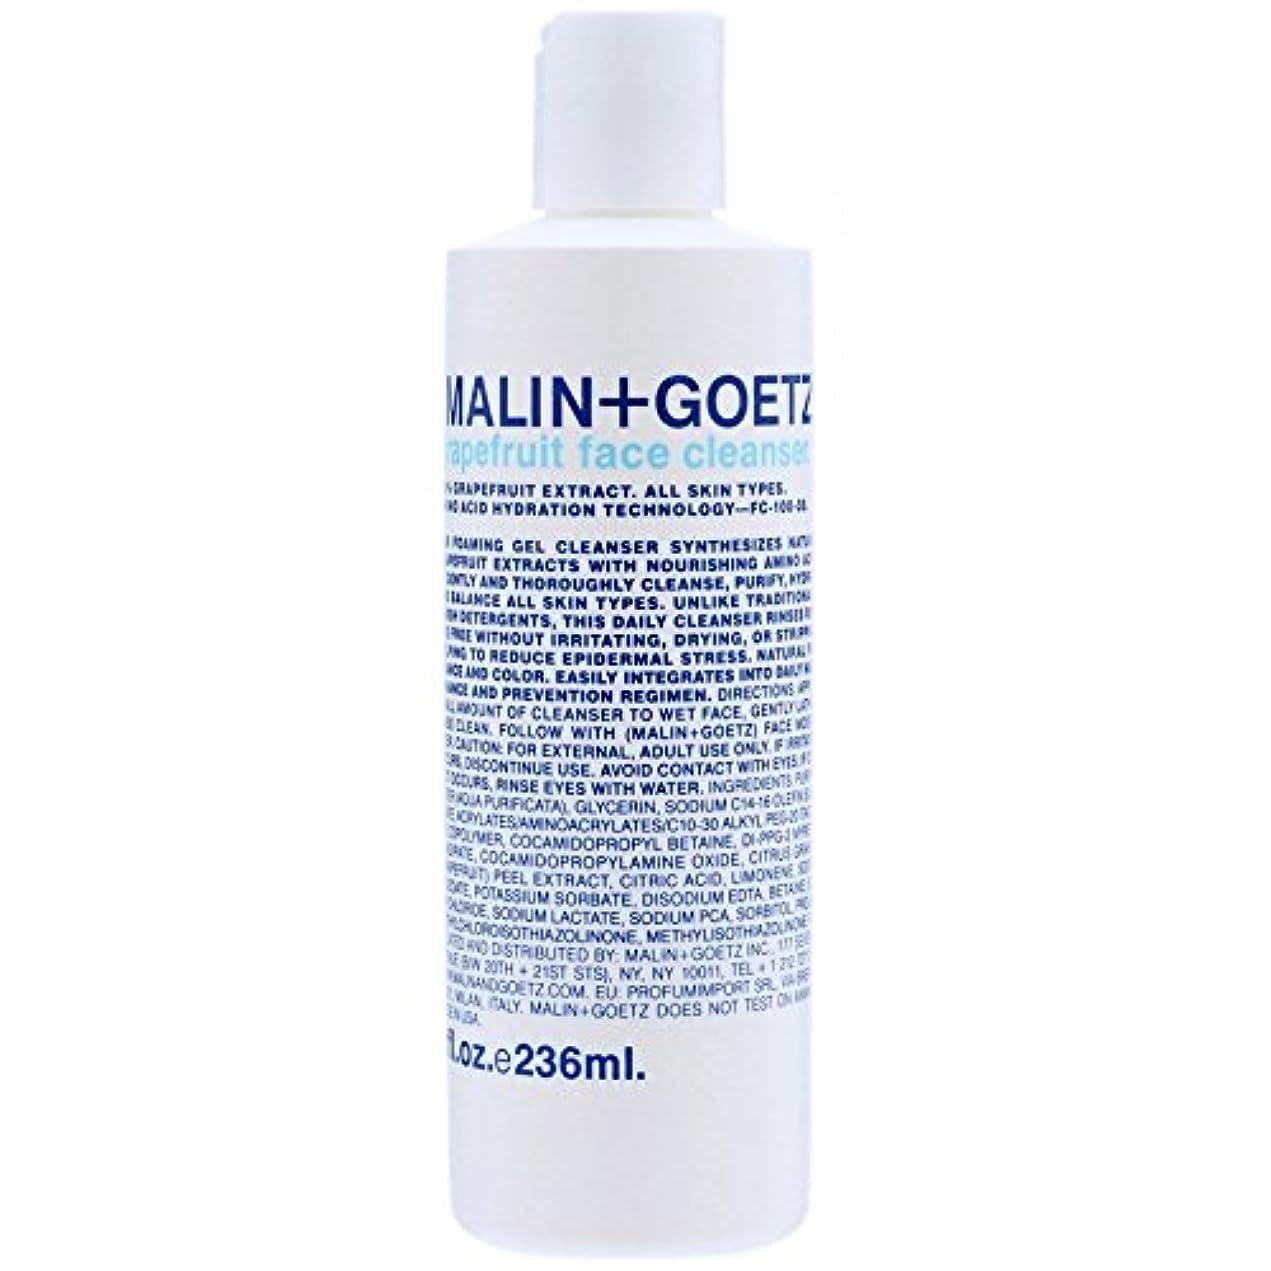 大人暖炉ロビーマリン+ゲッツグレープフルーツフェイスクレンザー x2 - MALIN+GOETZ Grapefruit Face Cleanser (Pack of 2) [並行輸入品]